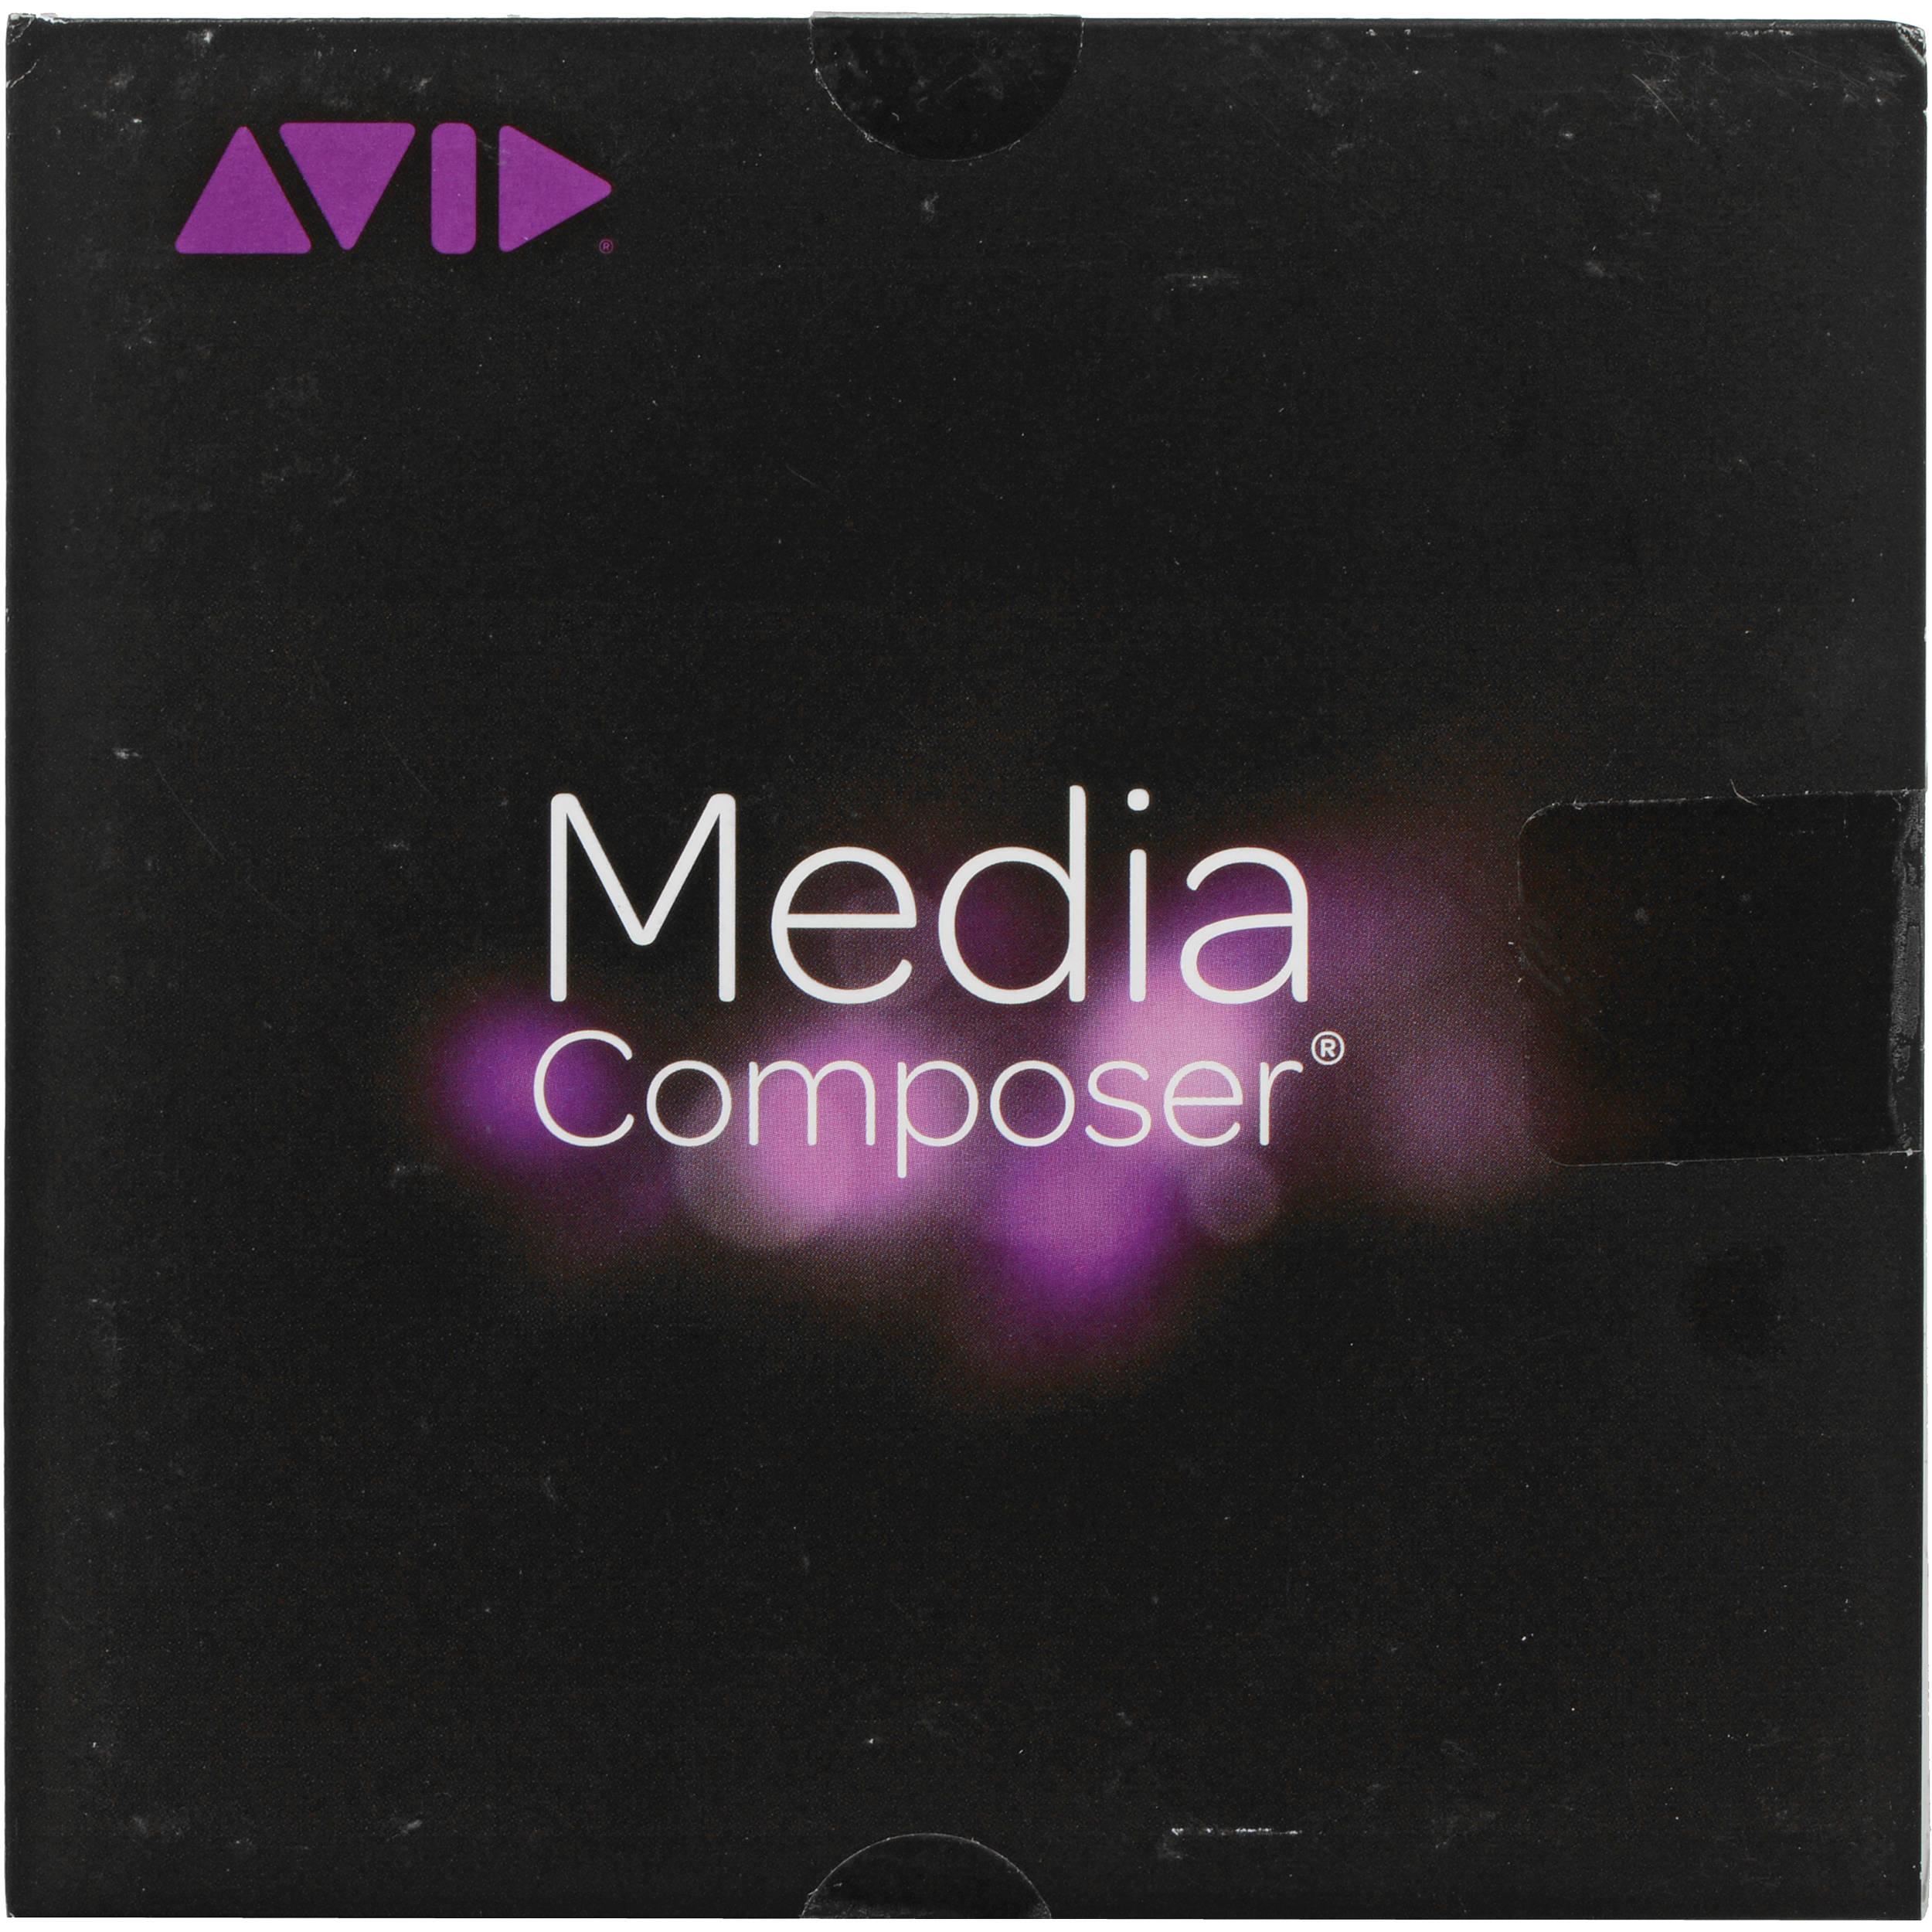 Buy avid media composer 8